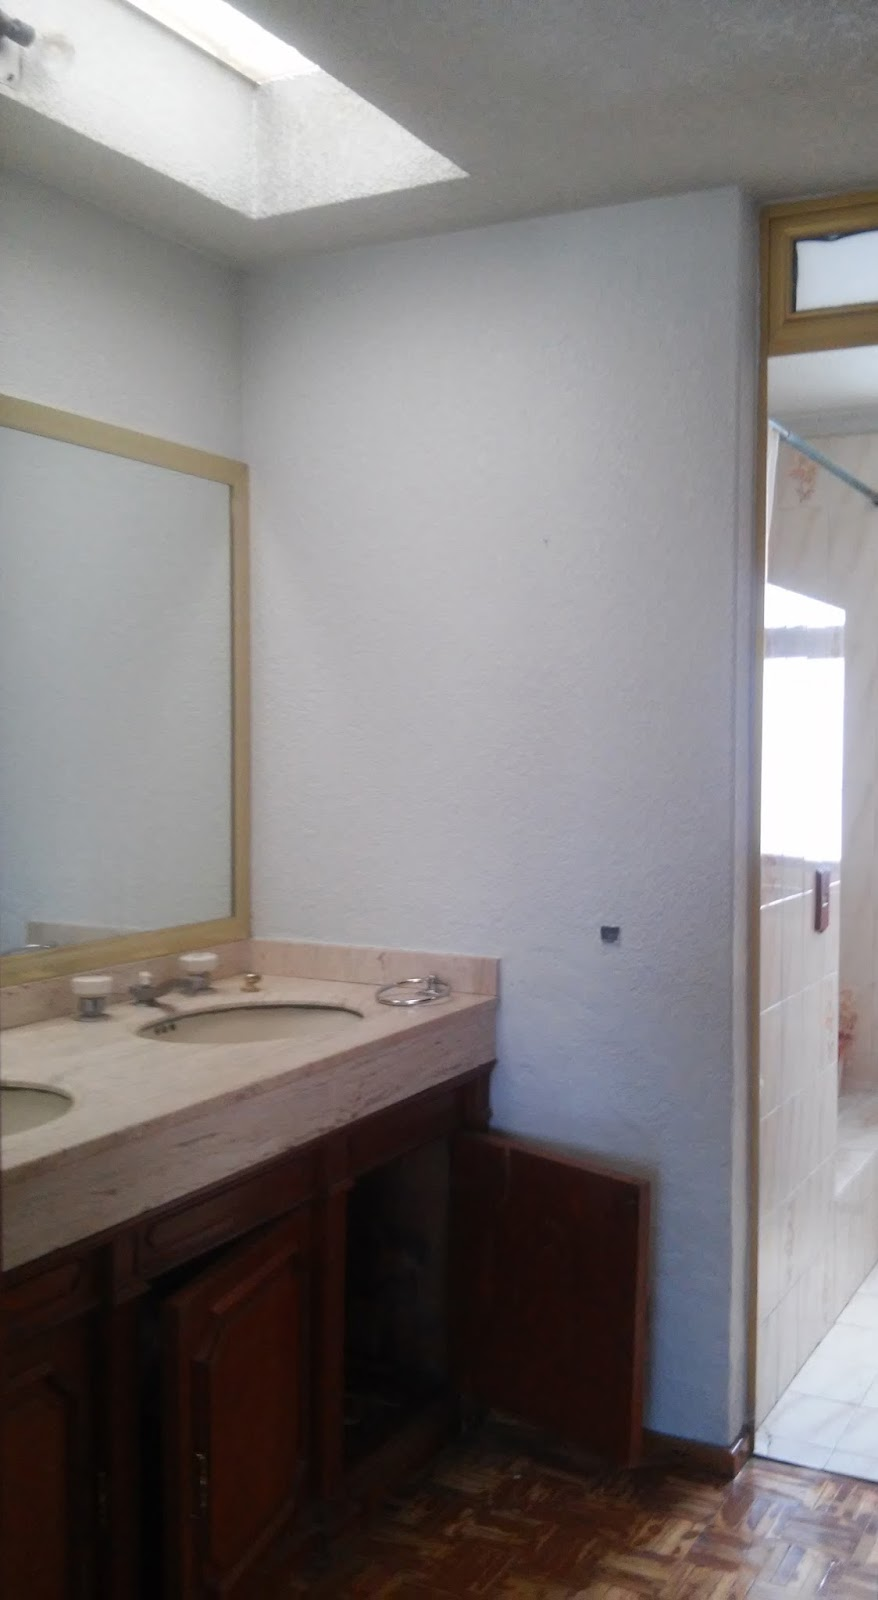 Dise os de ba os modernos y minimalistas azcapotzalco for Diseno de interiores 3d 7 0